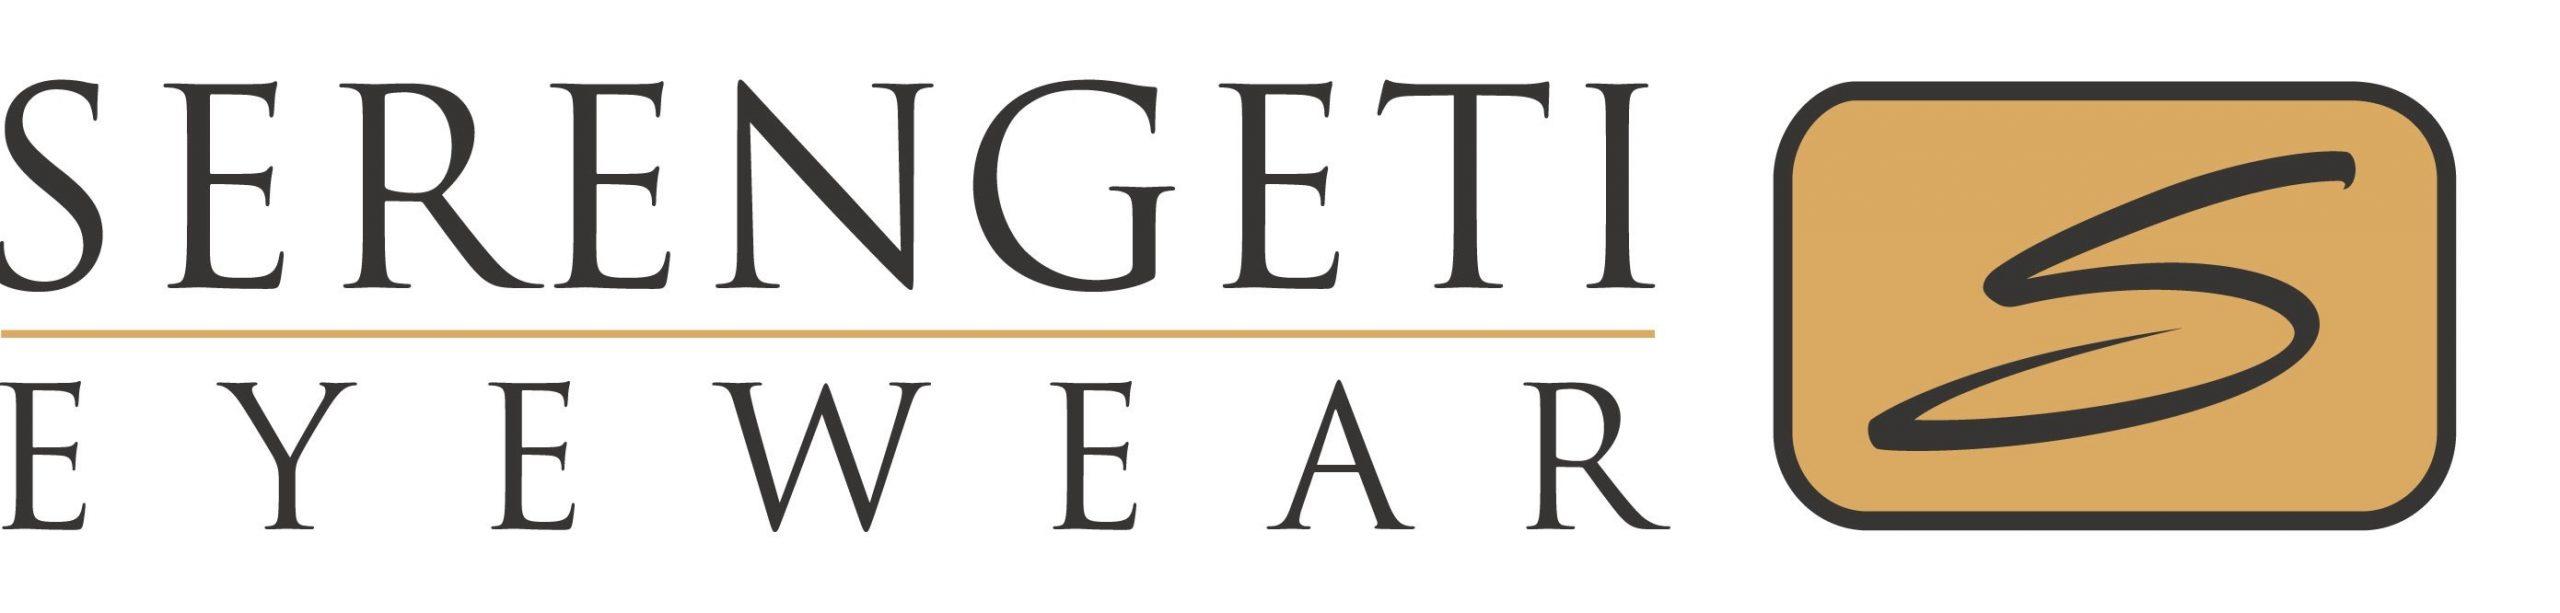 Serengeti_Sunglasses_company_logo